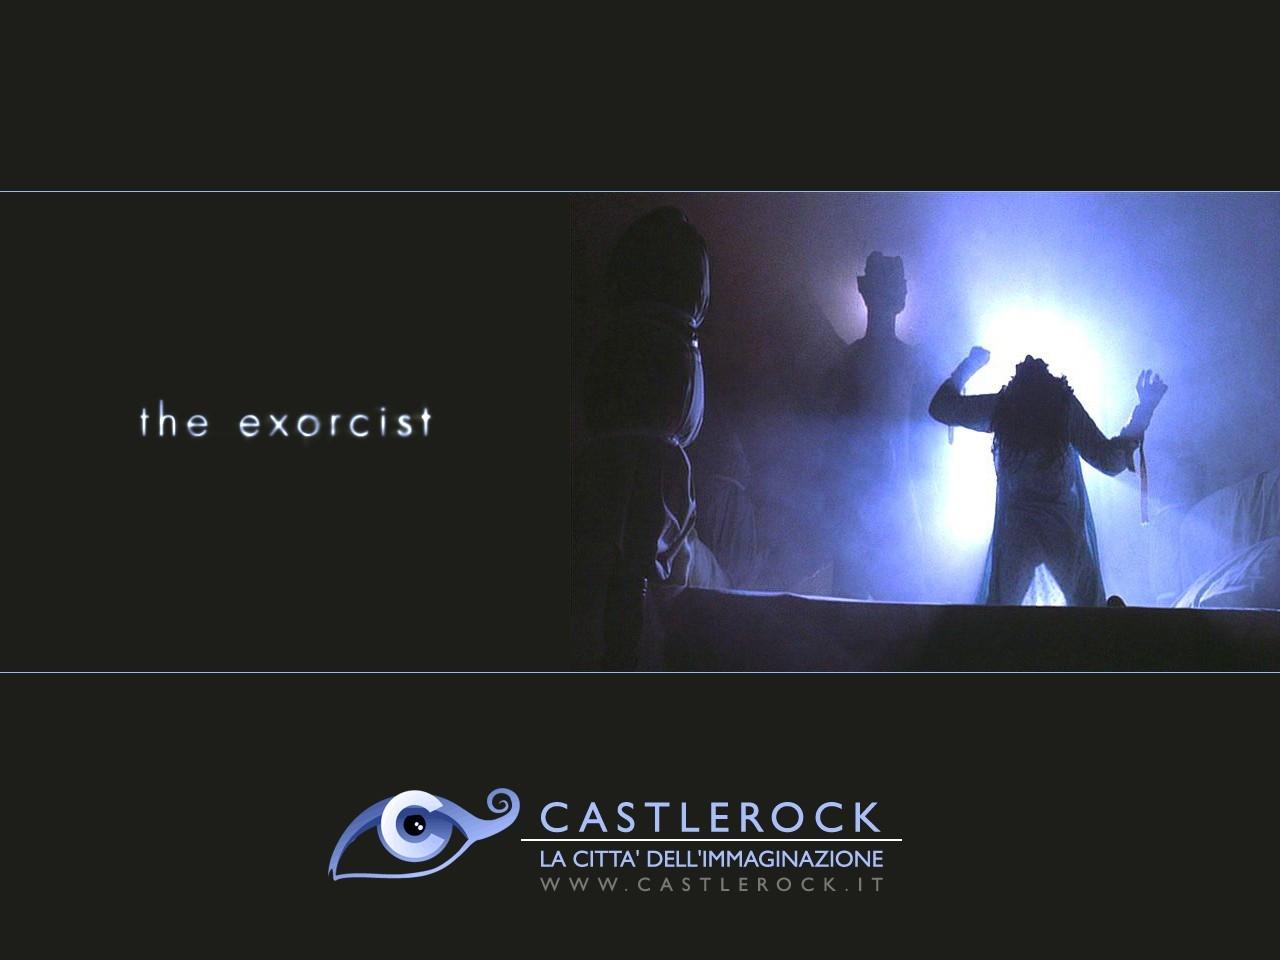 Wallpaper del film L'esorcista con il demone Pazuzu